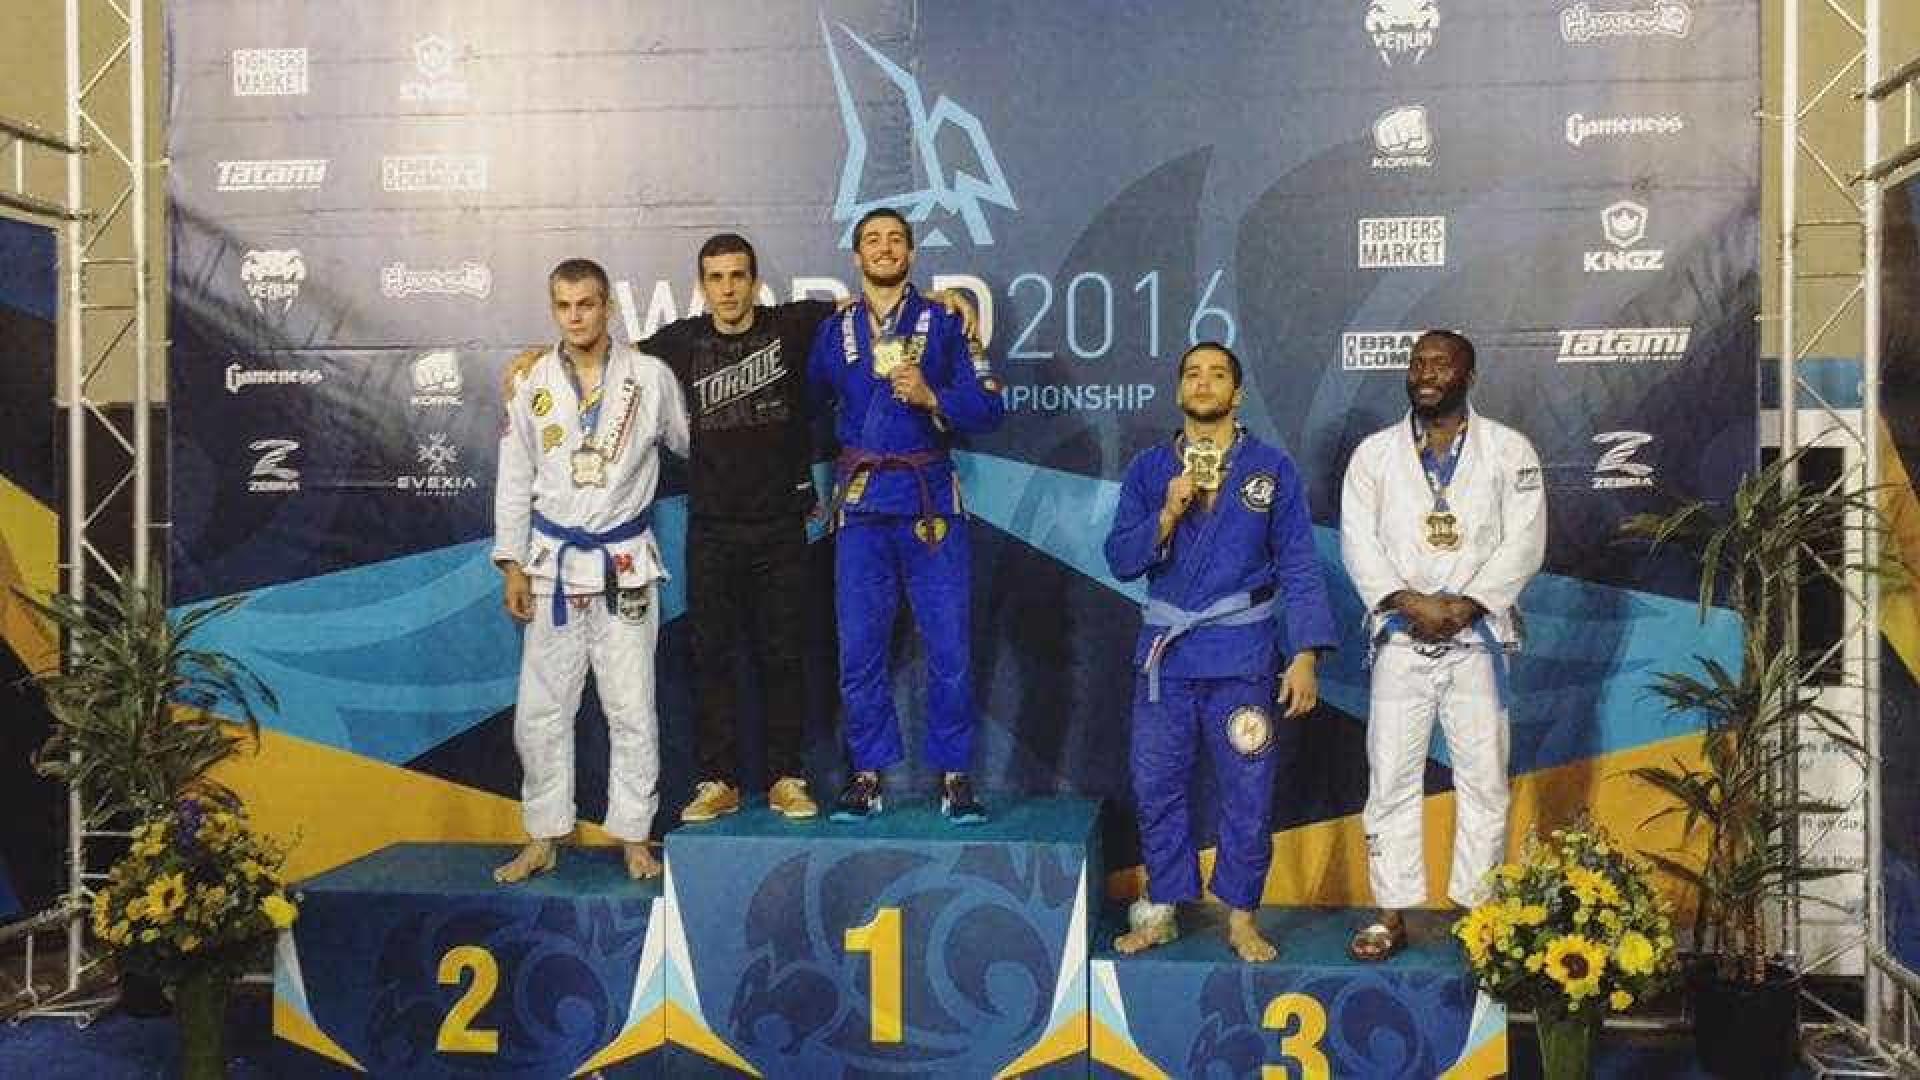 Lutador português conquista título de campeão do Mundo de Jiu-Jitsu